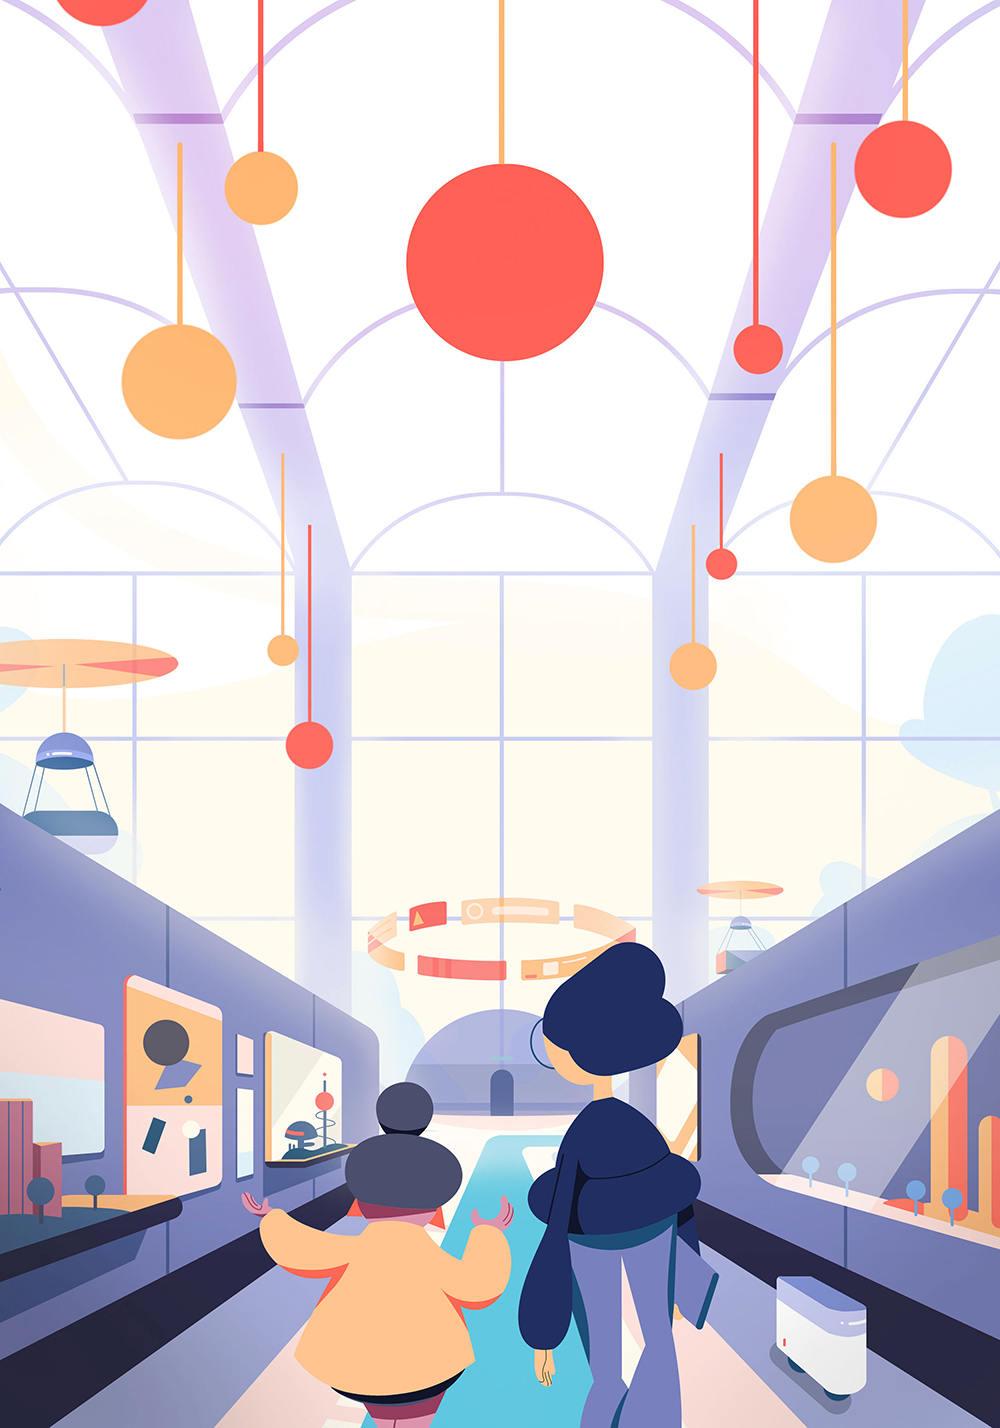 未来感!一组智能工作流程插画灵感